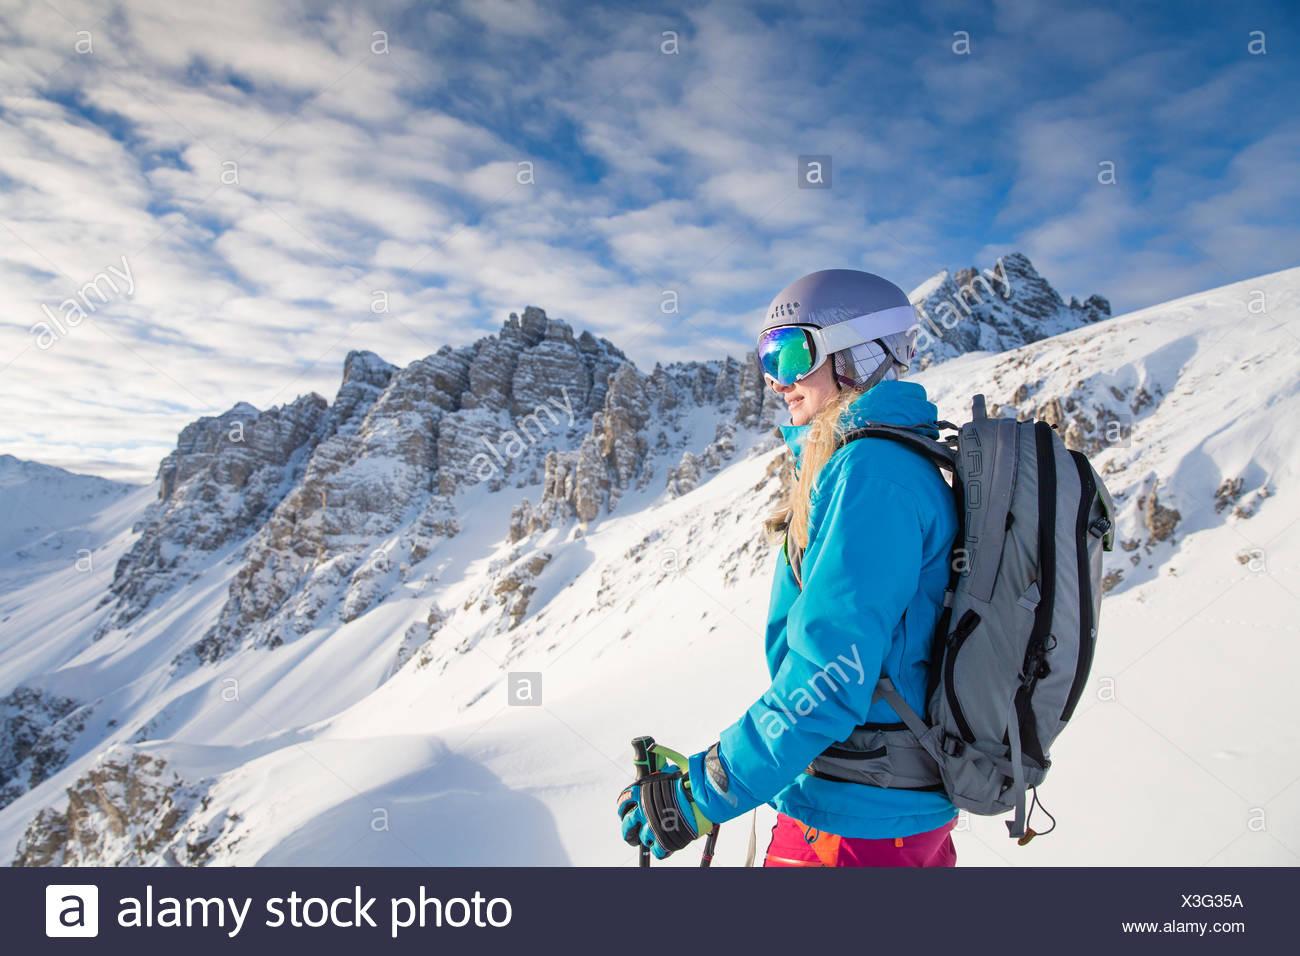 Lo sciatore, con rifiniture con maschere da sci e casco guardando in lontananza, Kalkkögel dietro, Axamer Lizum, Tirolo, Austria Immagini Stock